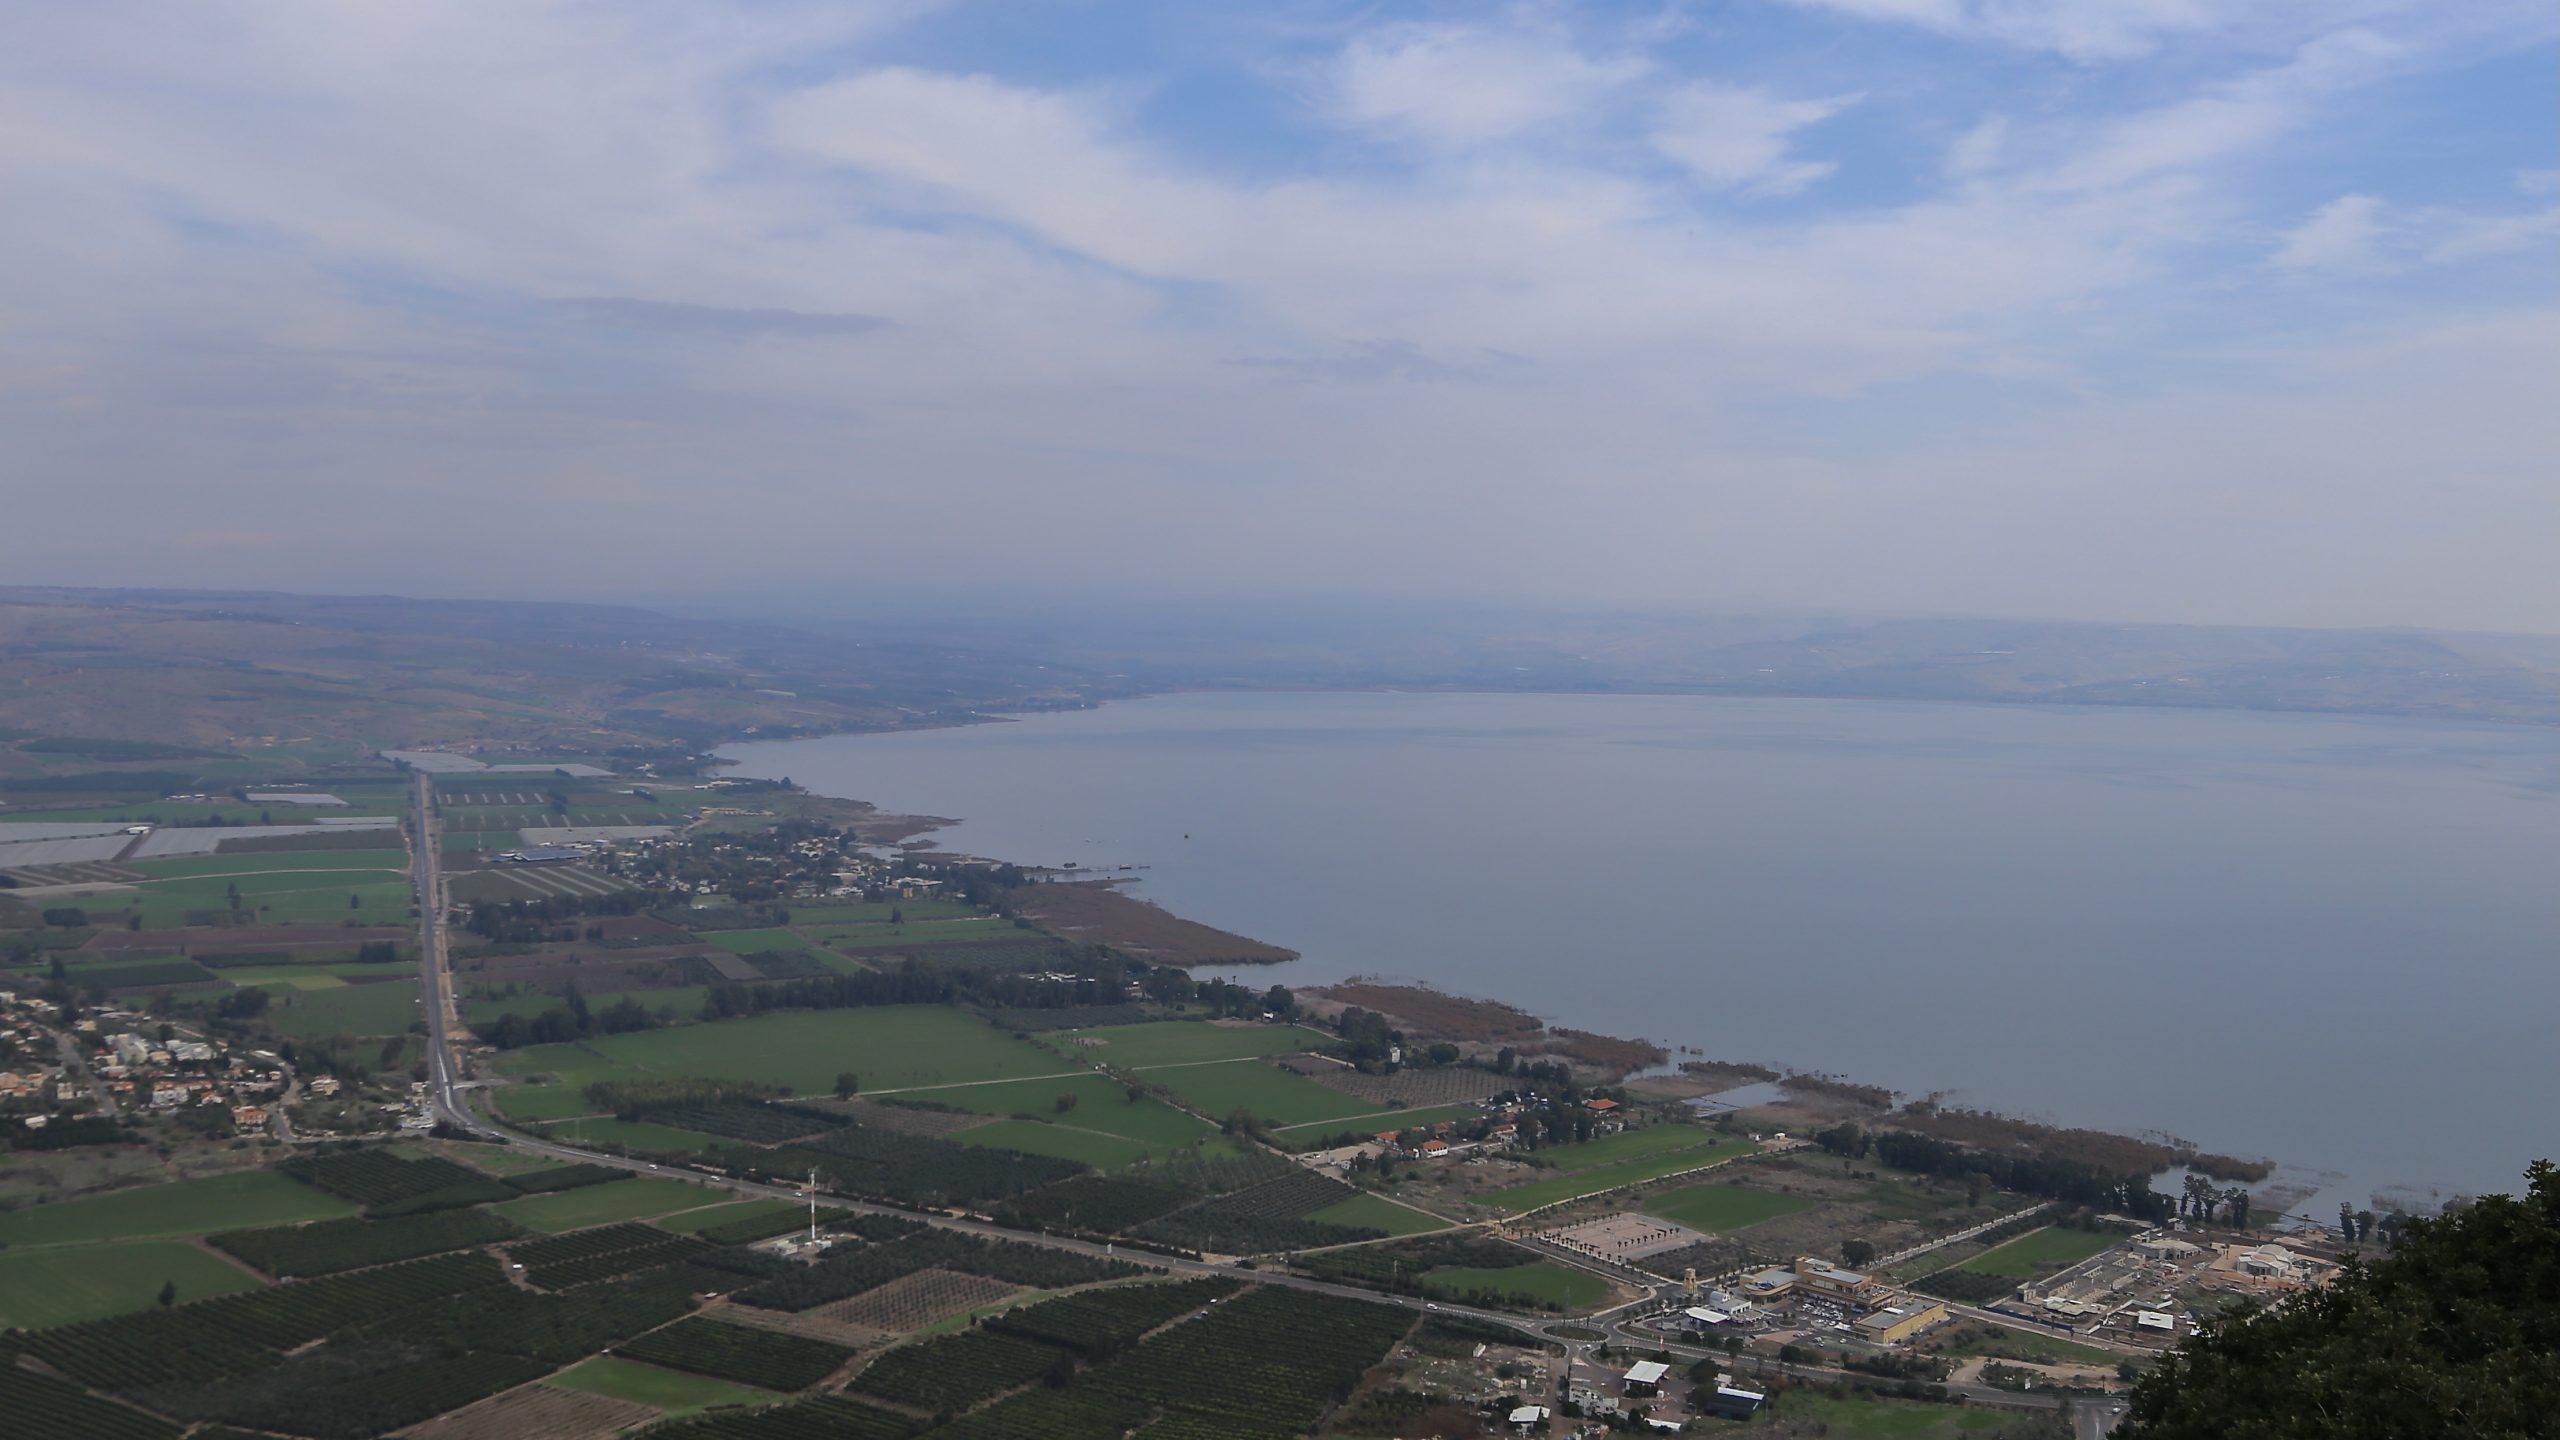 Kinneret (Sea of Galilee)